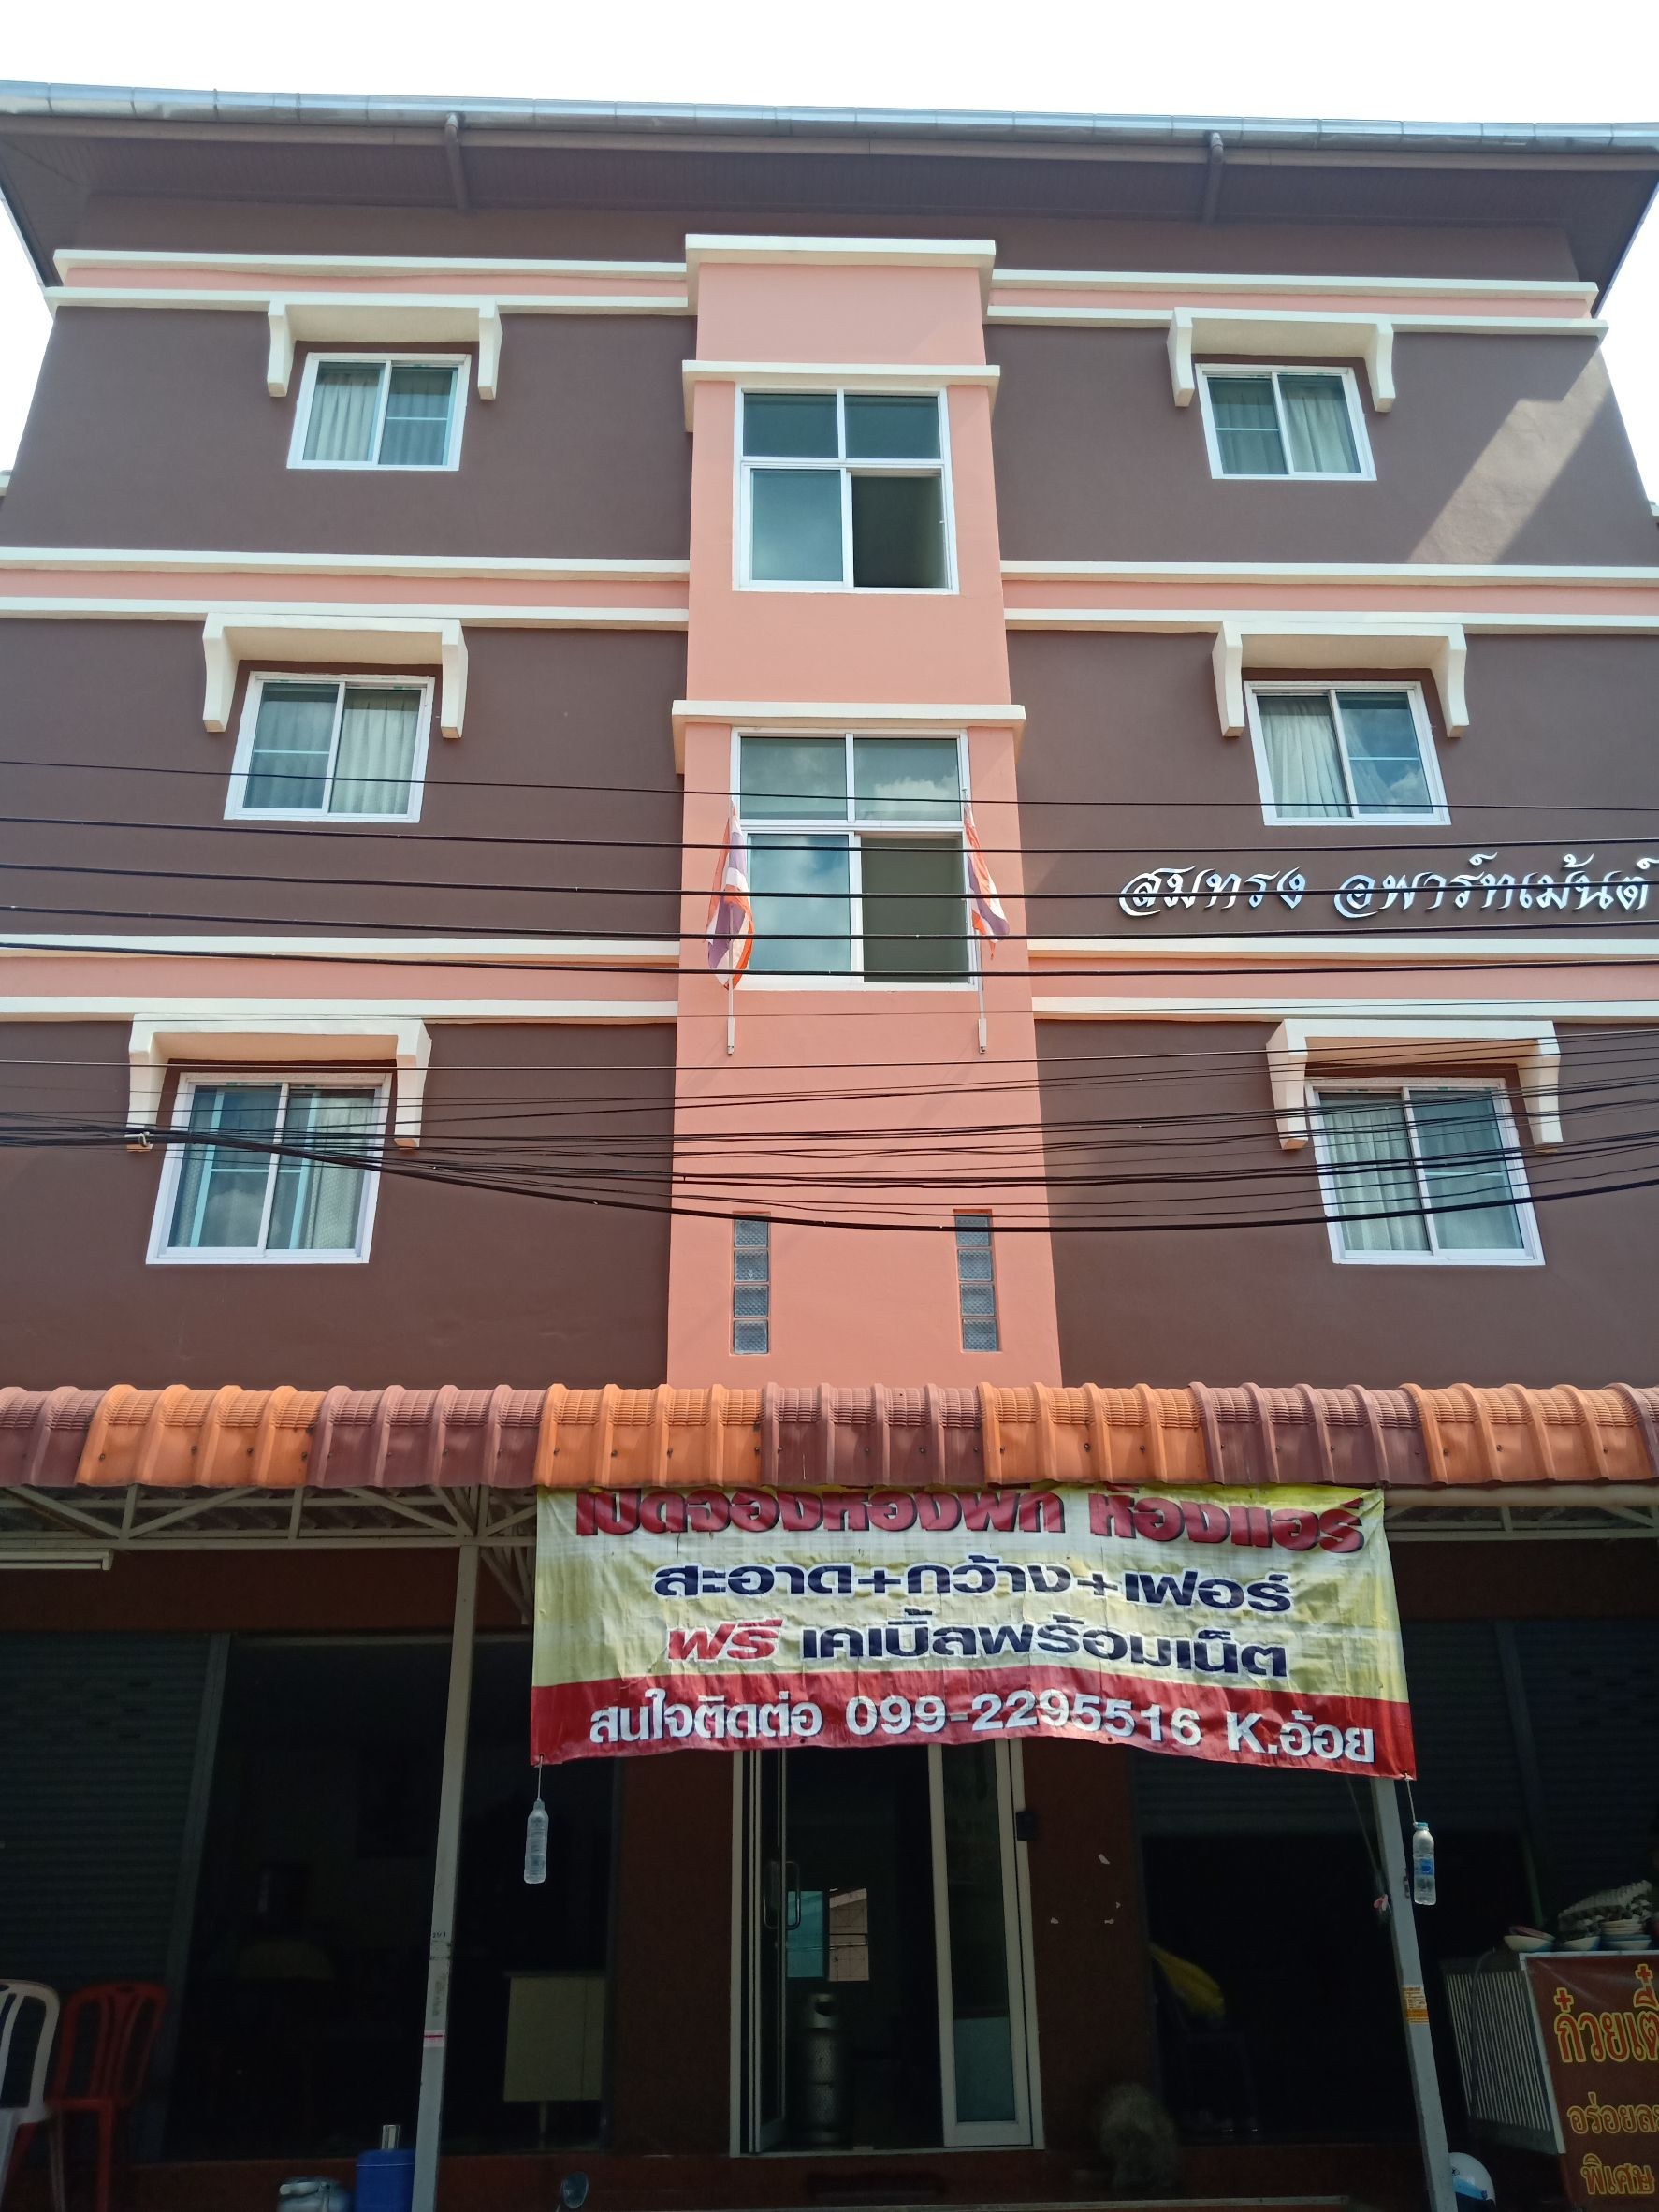 ภาพขายอพาร์ทเม้นท์ เจ้าของขายเอง ซอยลาดกระบัง52 แยก1 (ซอยจินดา)